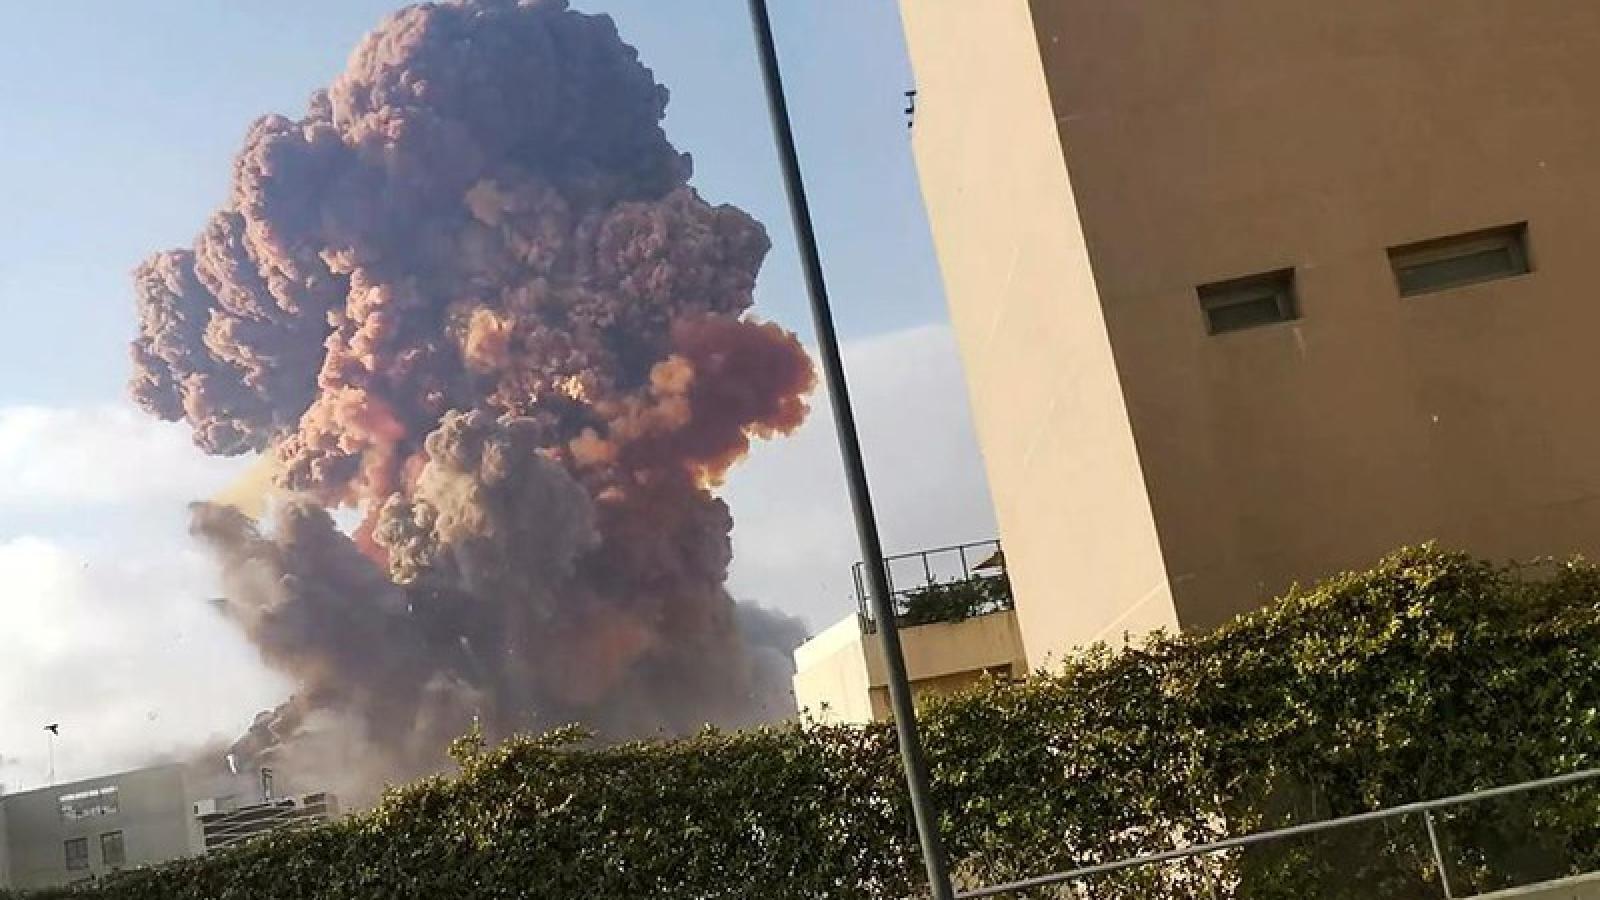 Lebanon tiếp tục cứu hộ và tìm kiếm nạn nhân mắc kẹt vụ nổ Beirut